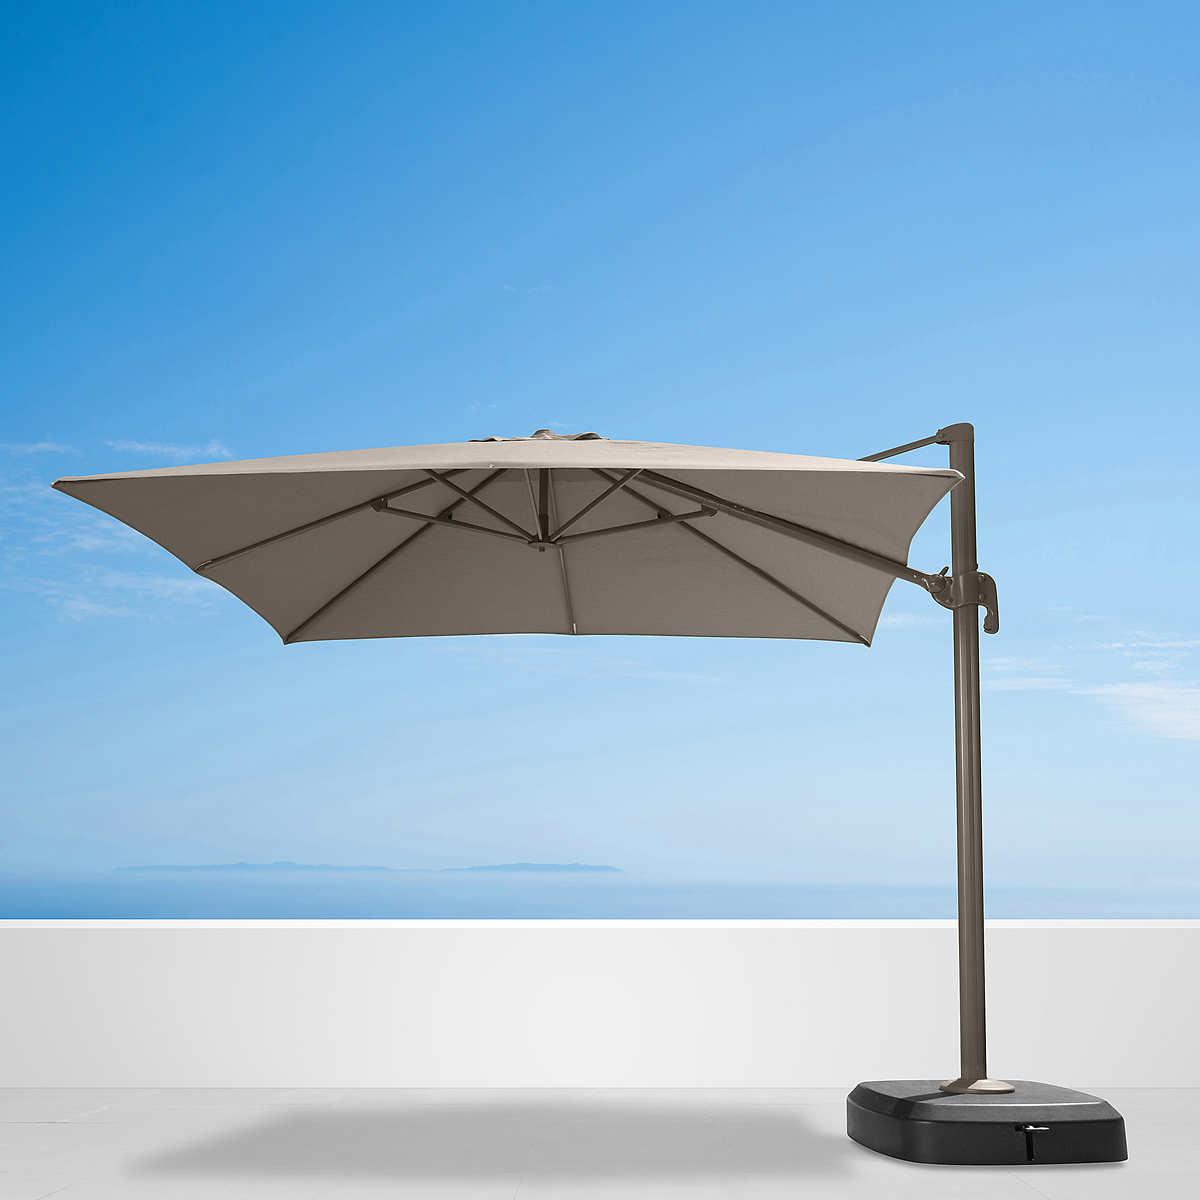 e6e0bb0b69f5 10ft Resort Umbrella